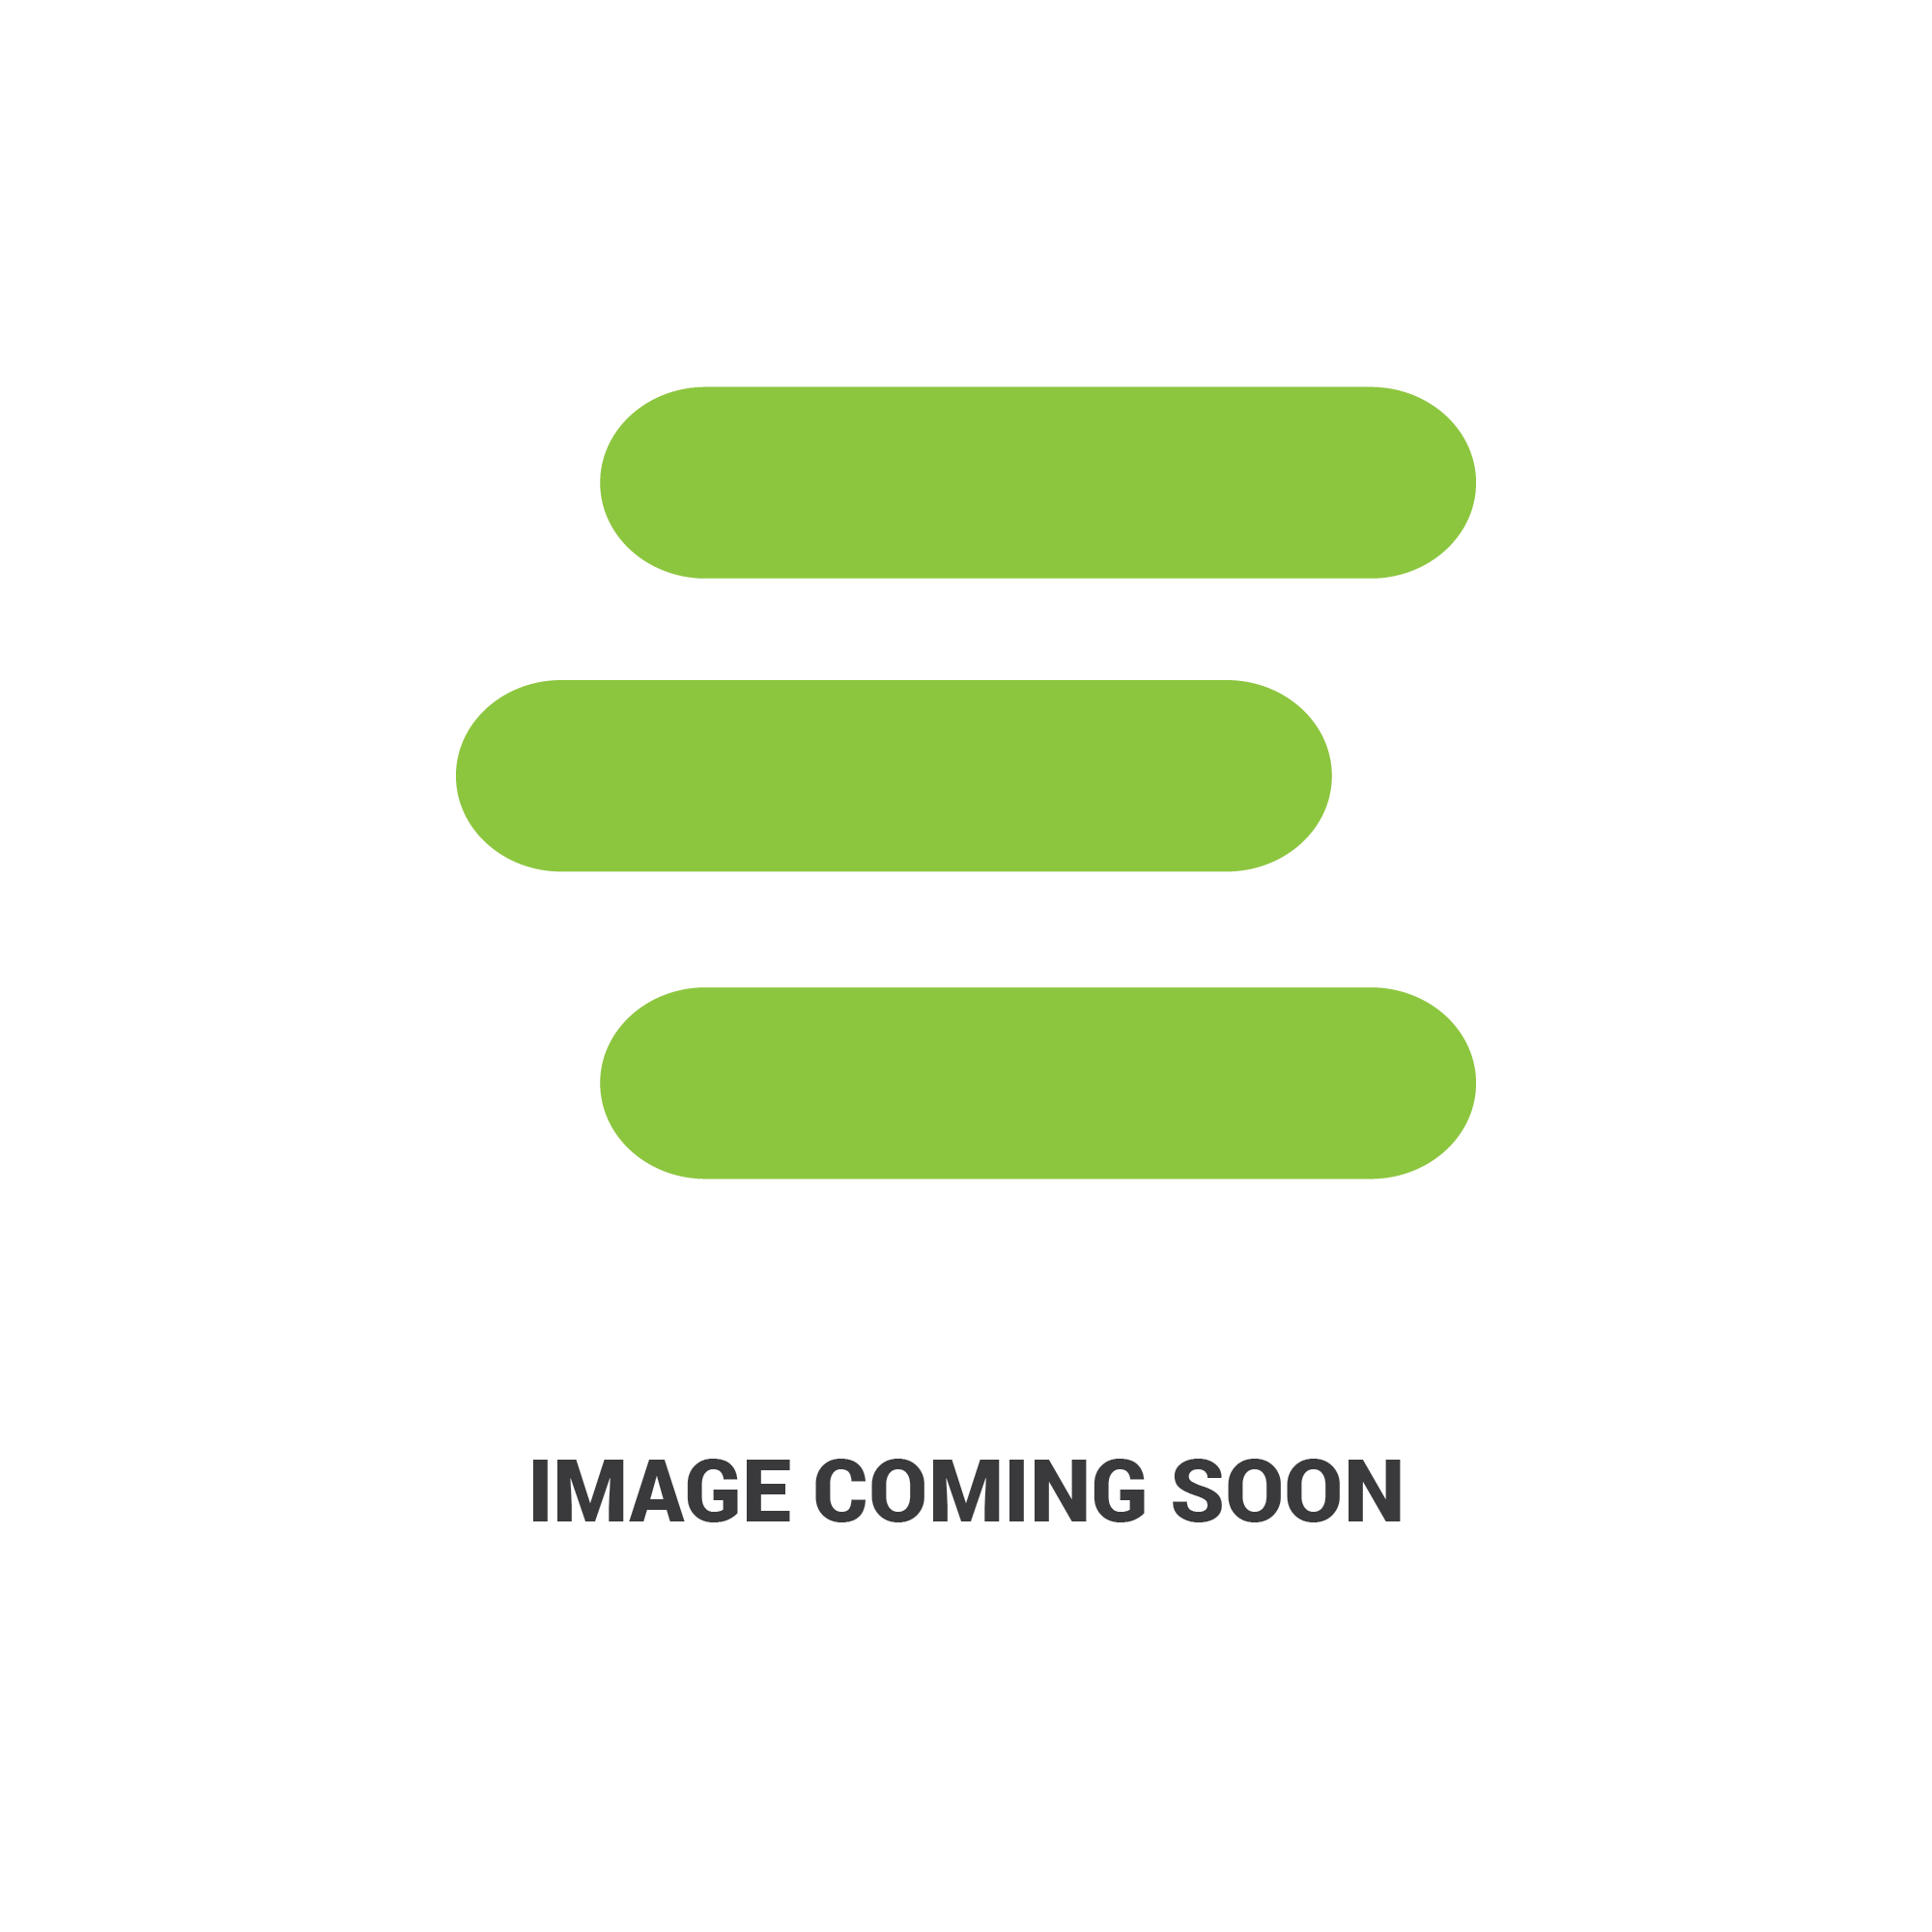 E-6C040-55440edit 3.jpg